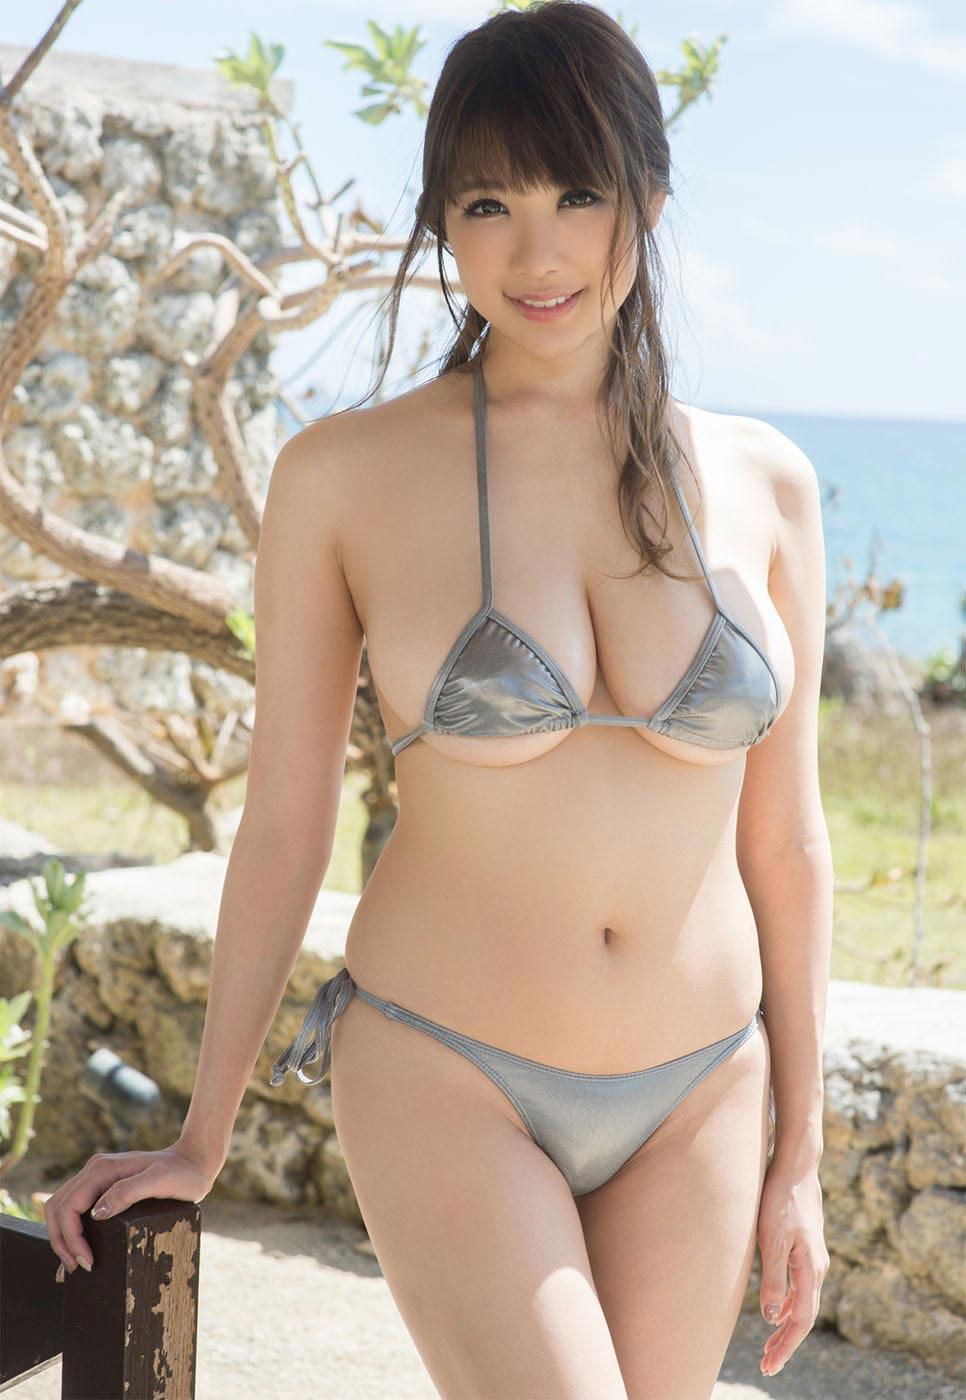 Busty asian bikini